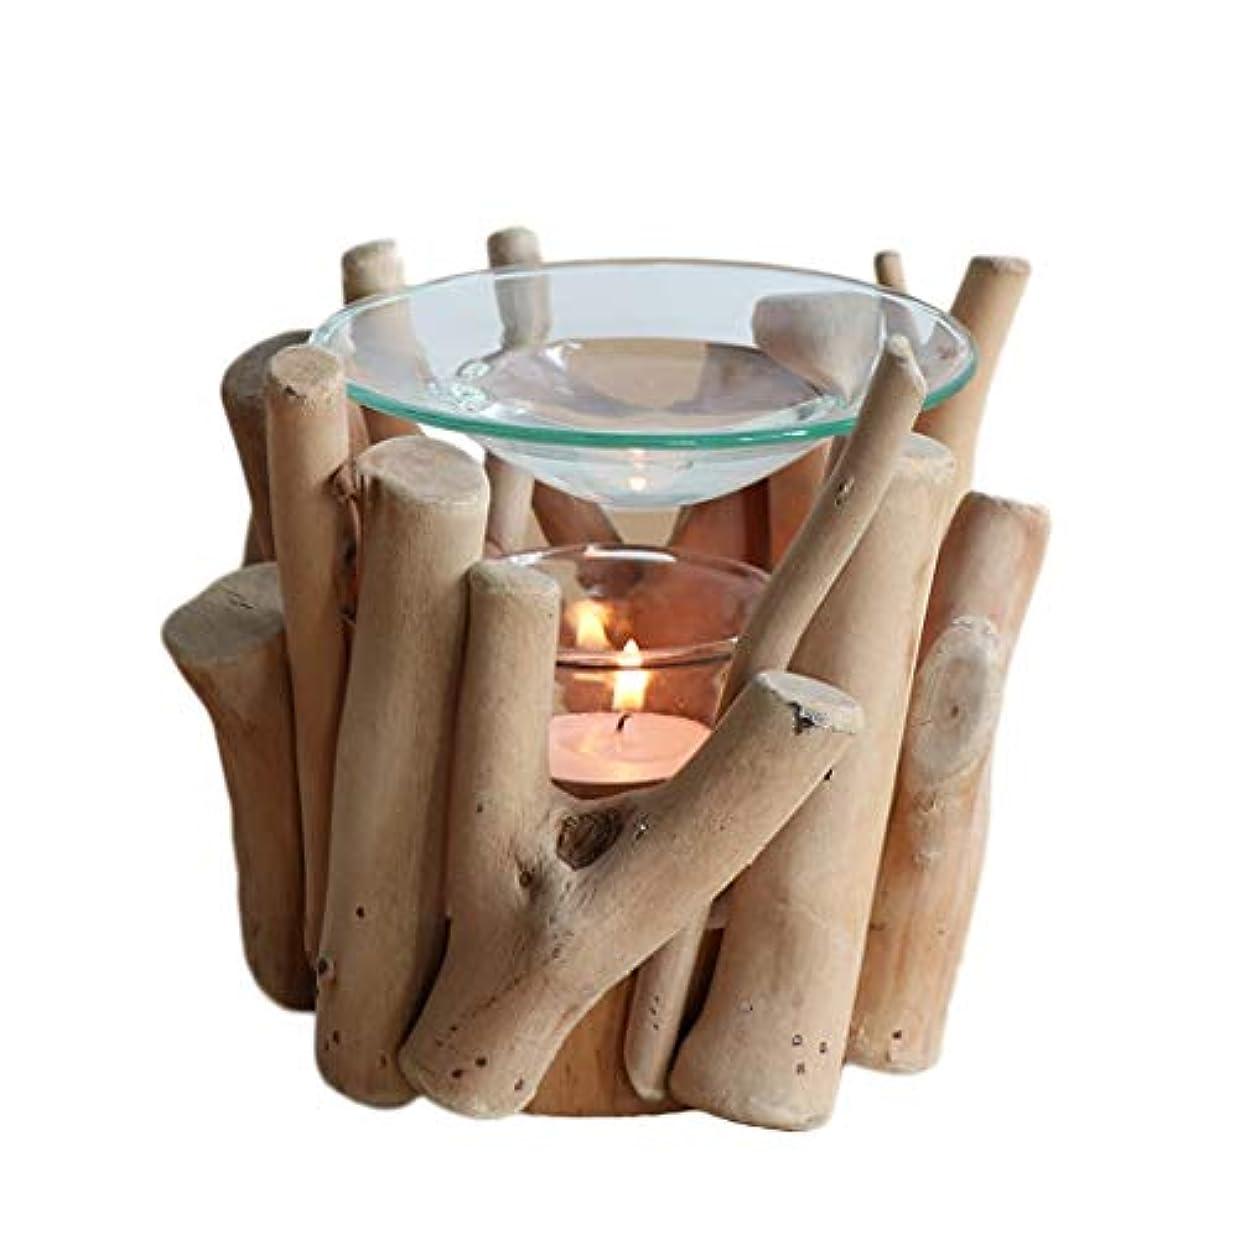 発表する白い組み合わせ家庭用木材香ホルダーエッセンシャルオイルアロマ燭台香バーナー寝室アロマセラピー炉香バーナーホルダー (Color : A)